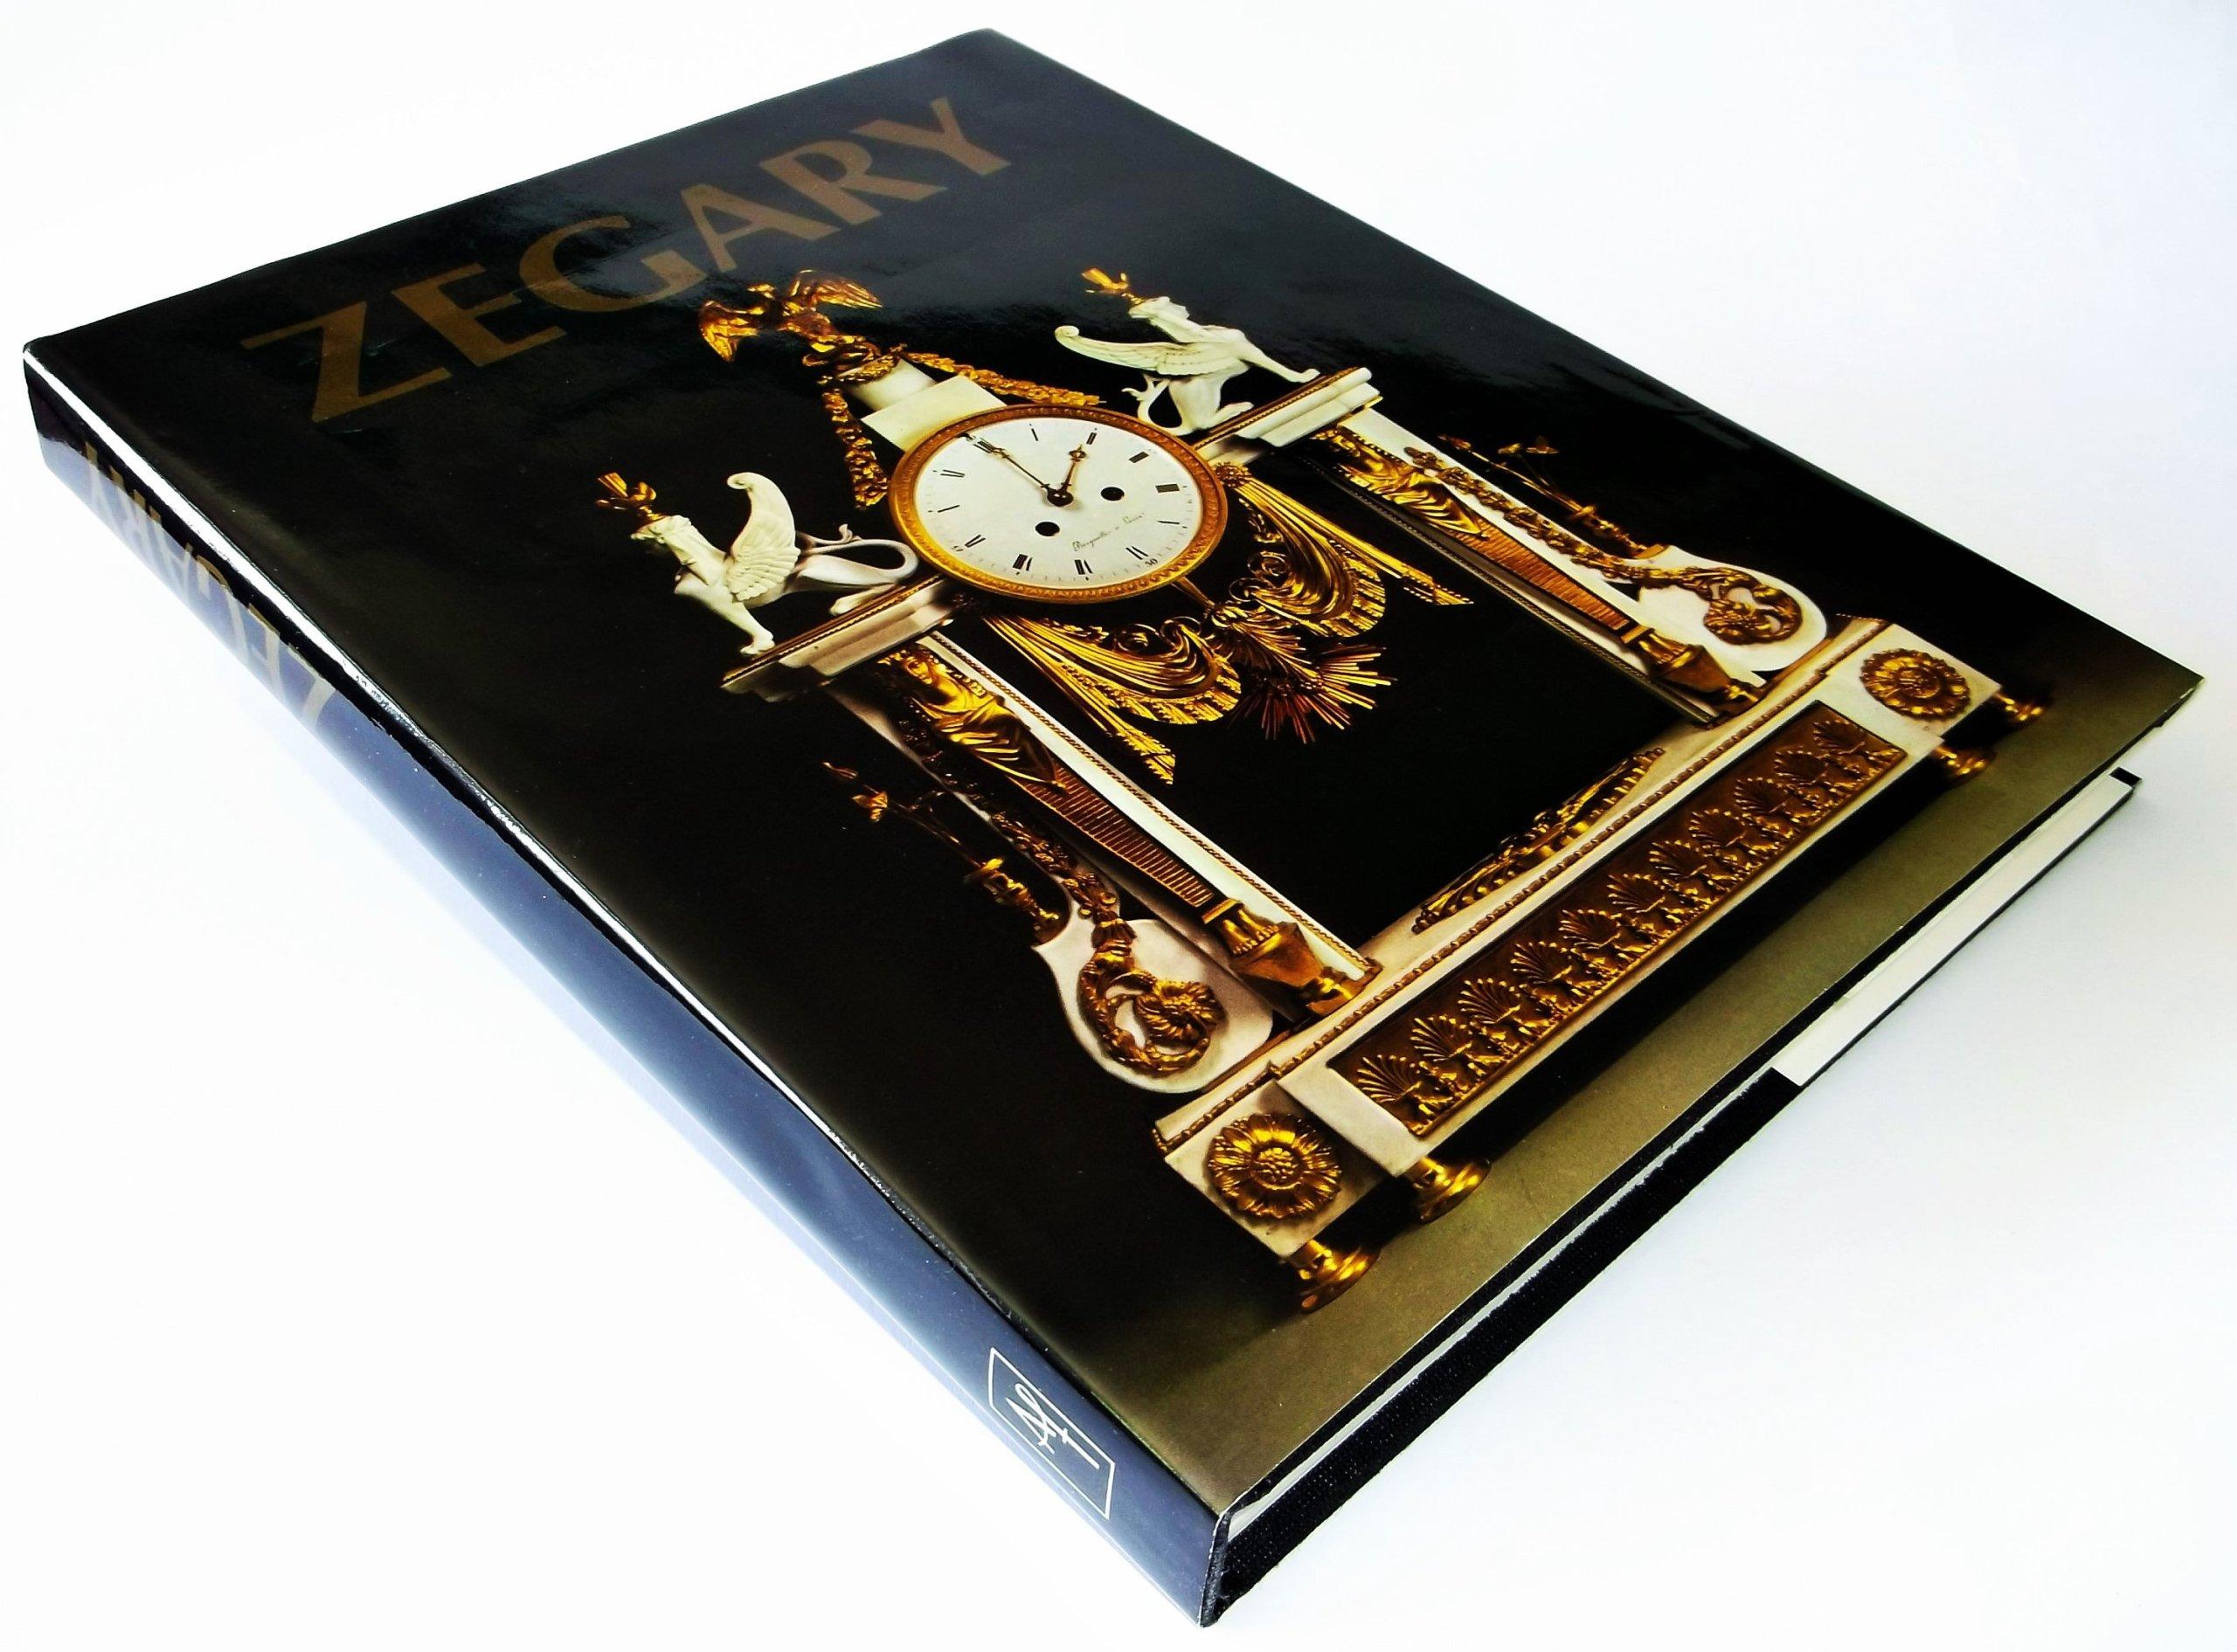 Zegary Zegarmistrzostwo Stare Zegary Antyki 7472727500